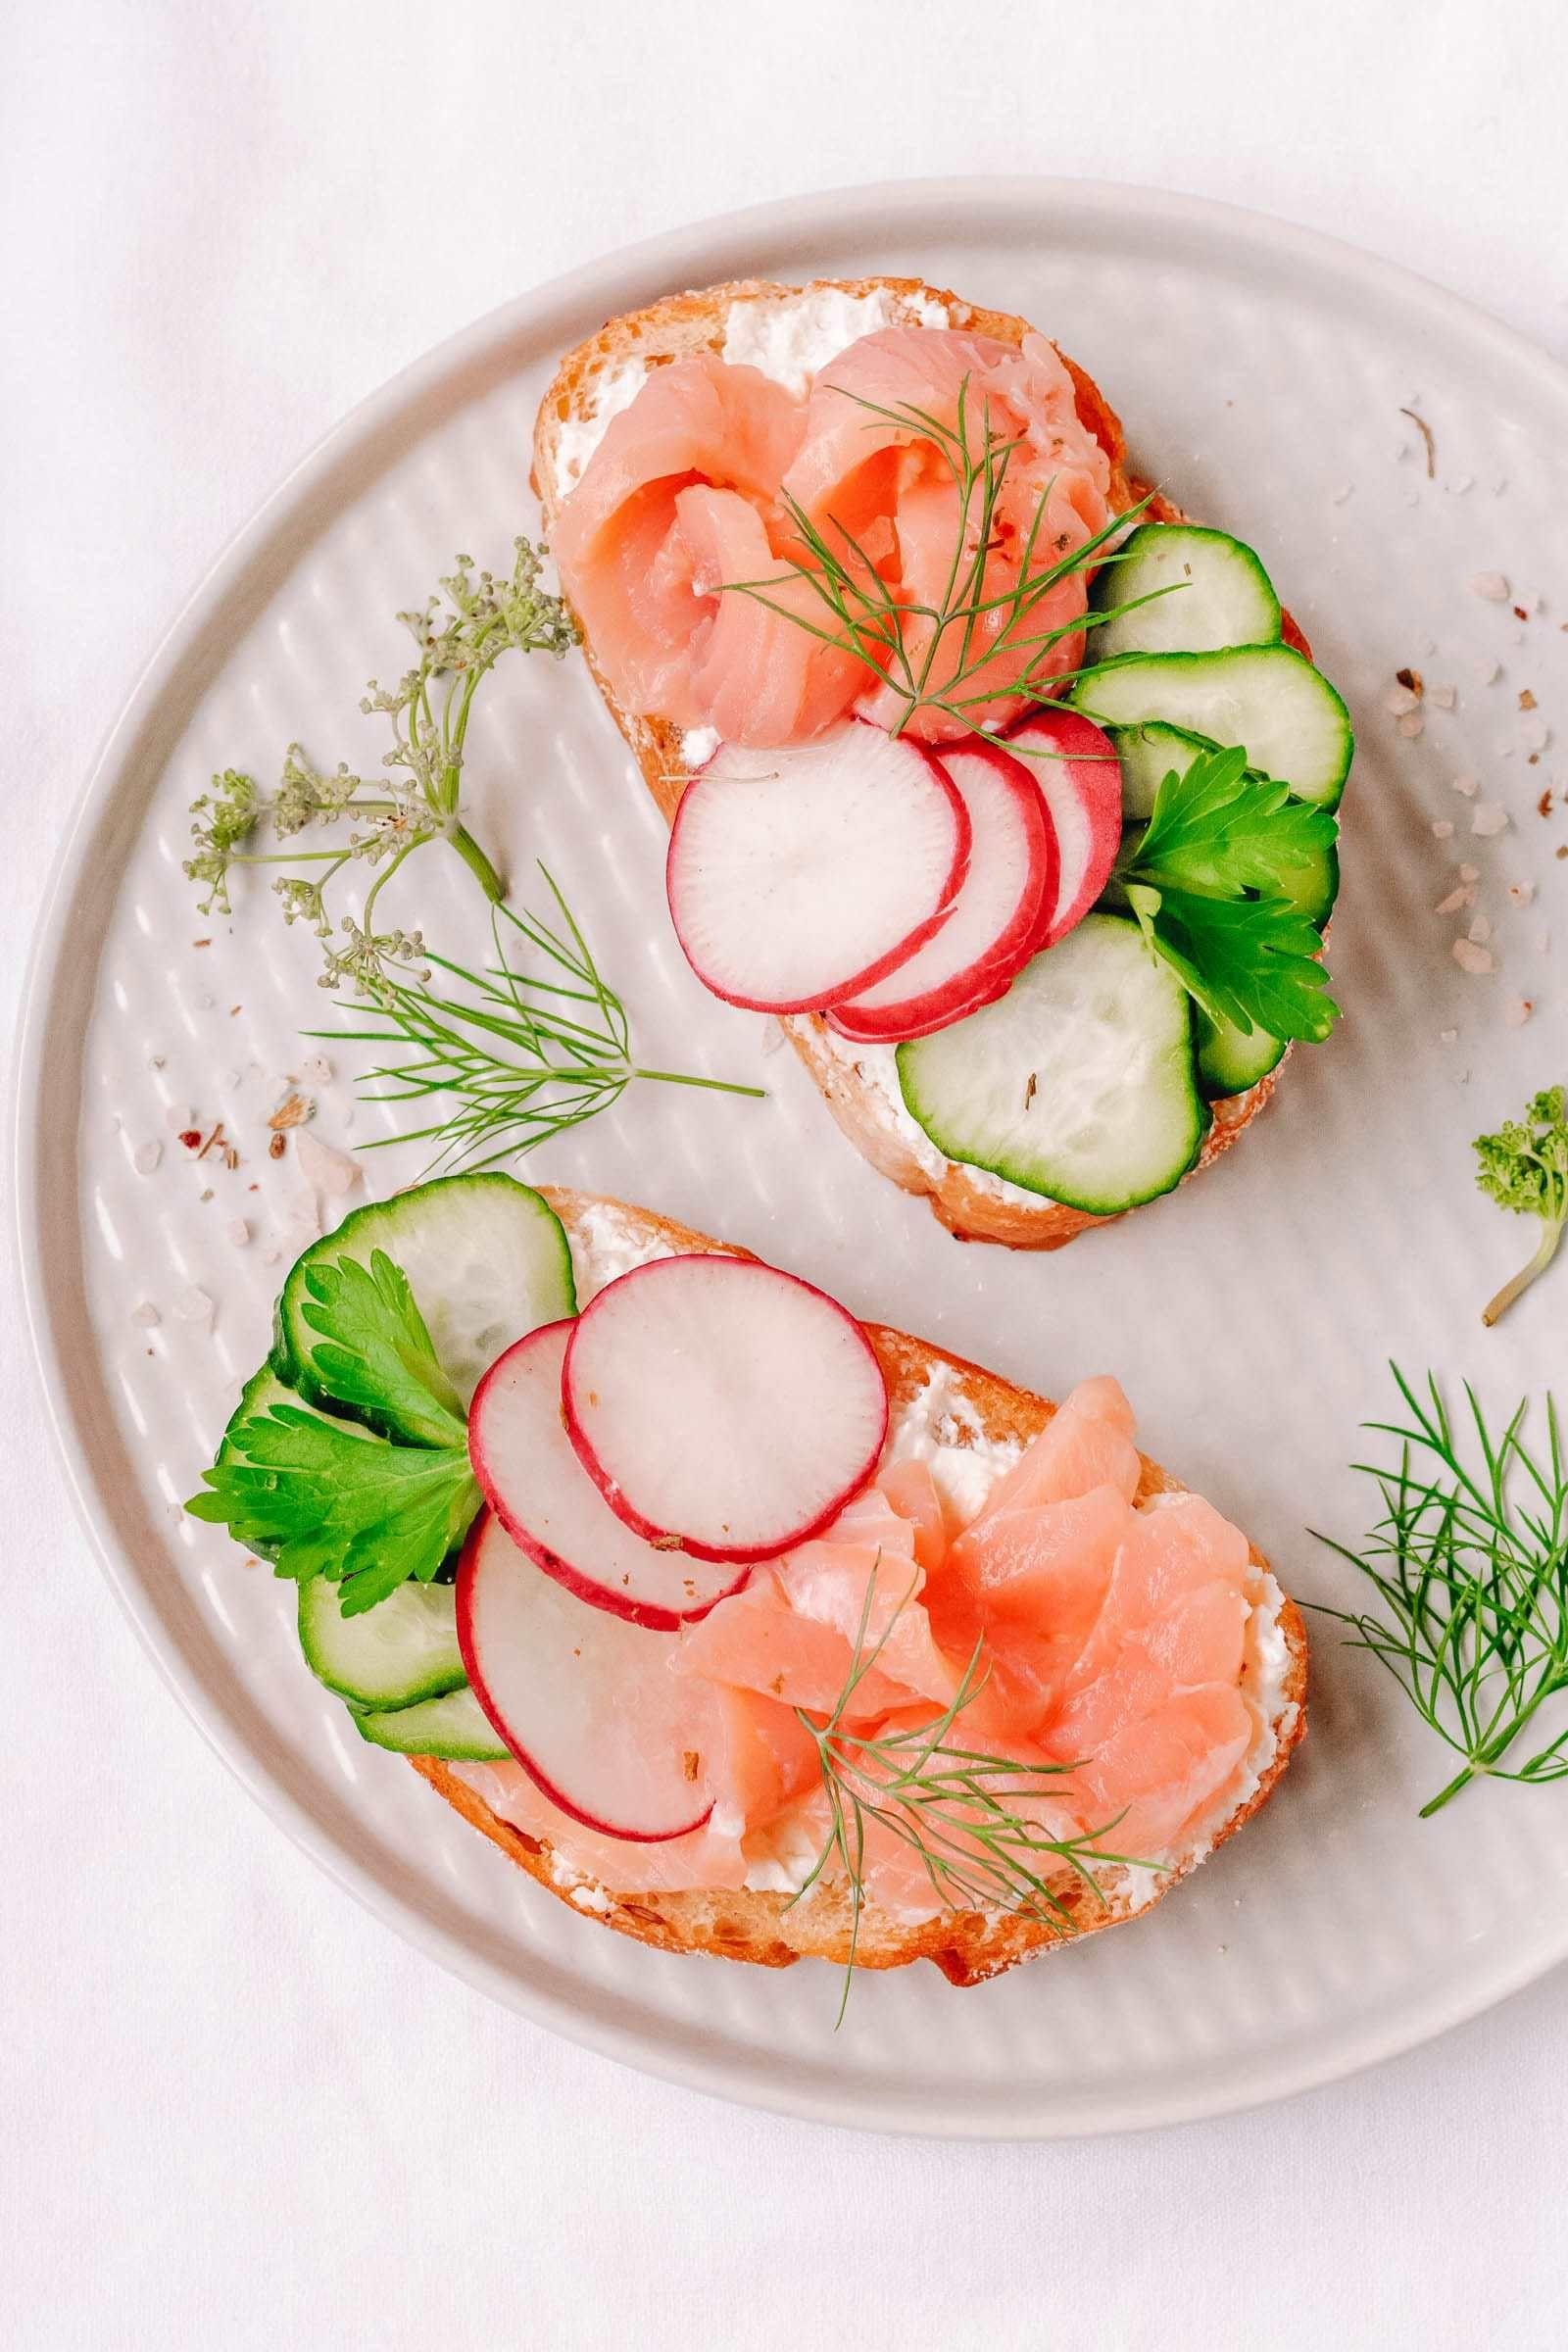 Scandinavian Food 12 Best Scandinavian Dishes To Try In 2020 Scandinavian Food Food Norwegian Cuisine